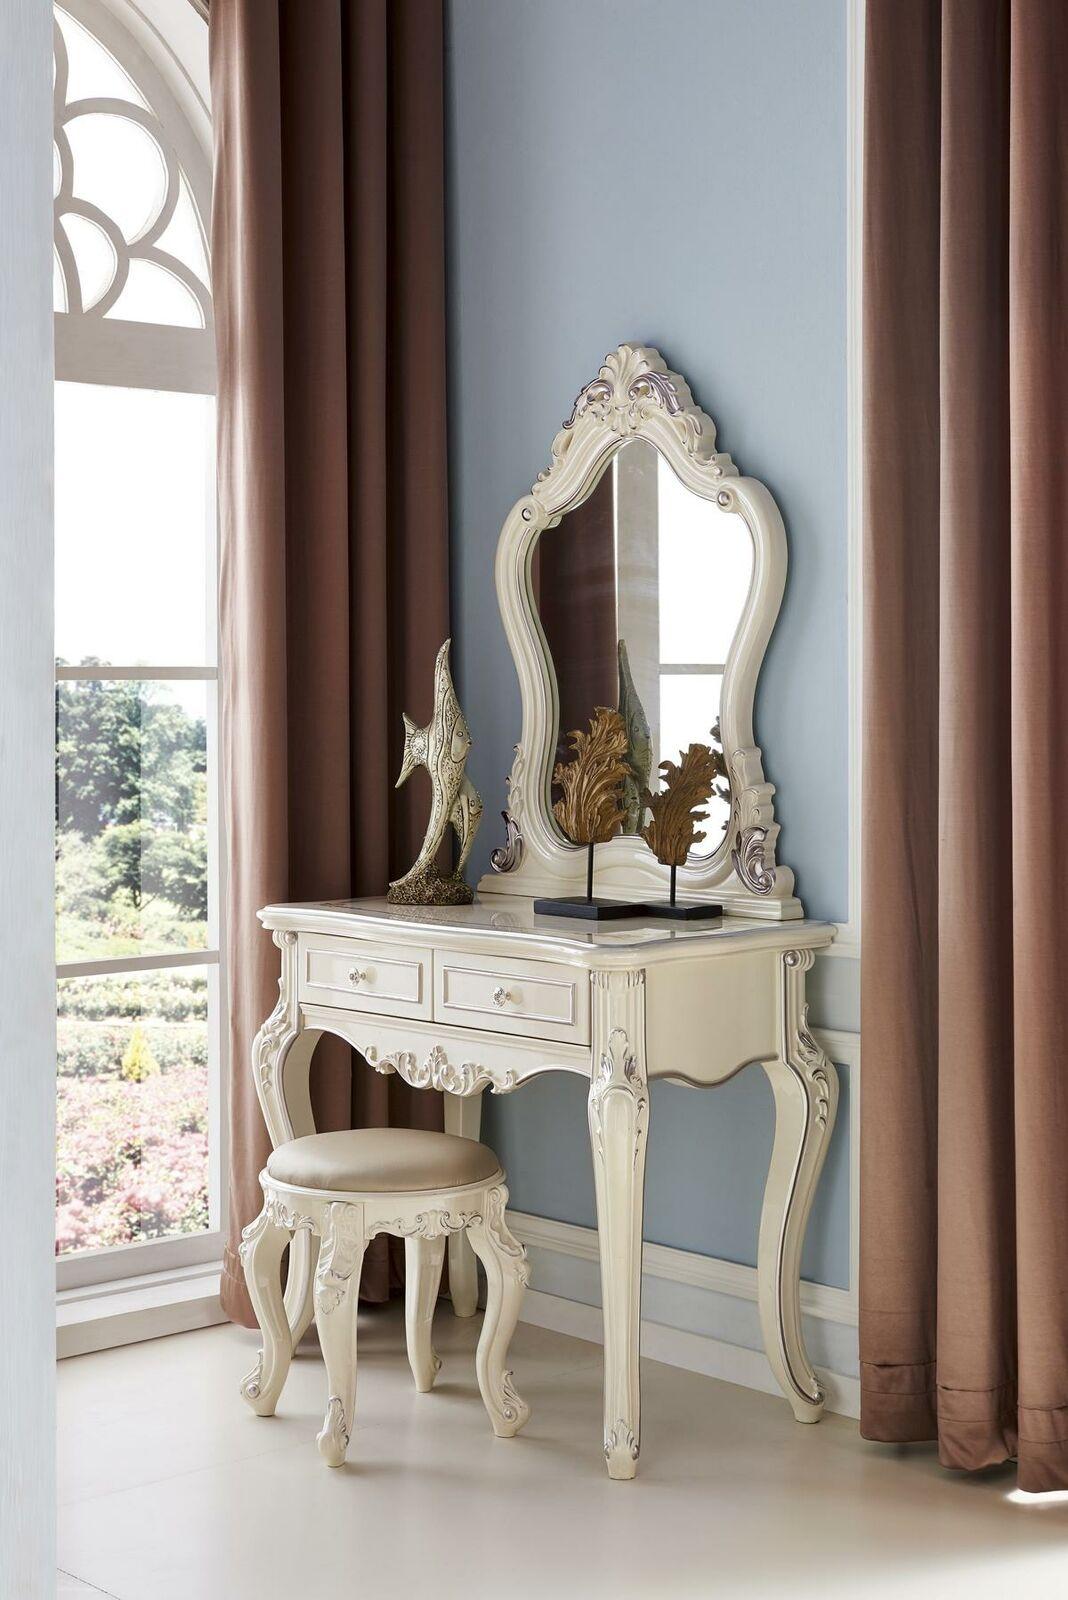 Tocador con espejo de lujo consola cómoda dormitorio barroco rococó 2tlg.